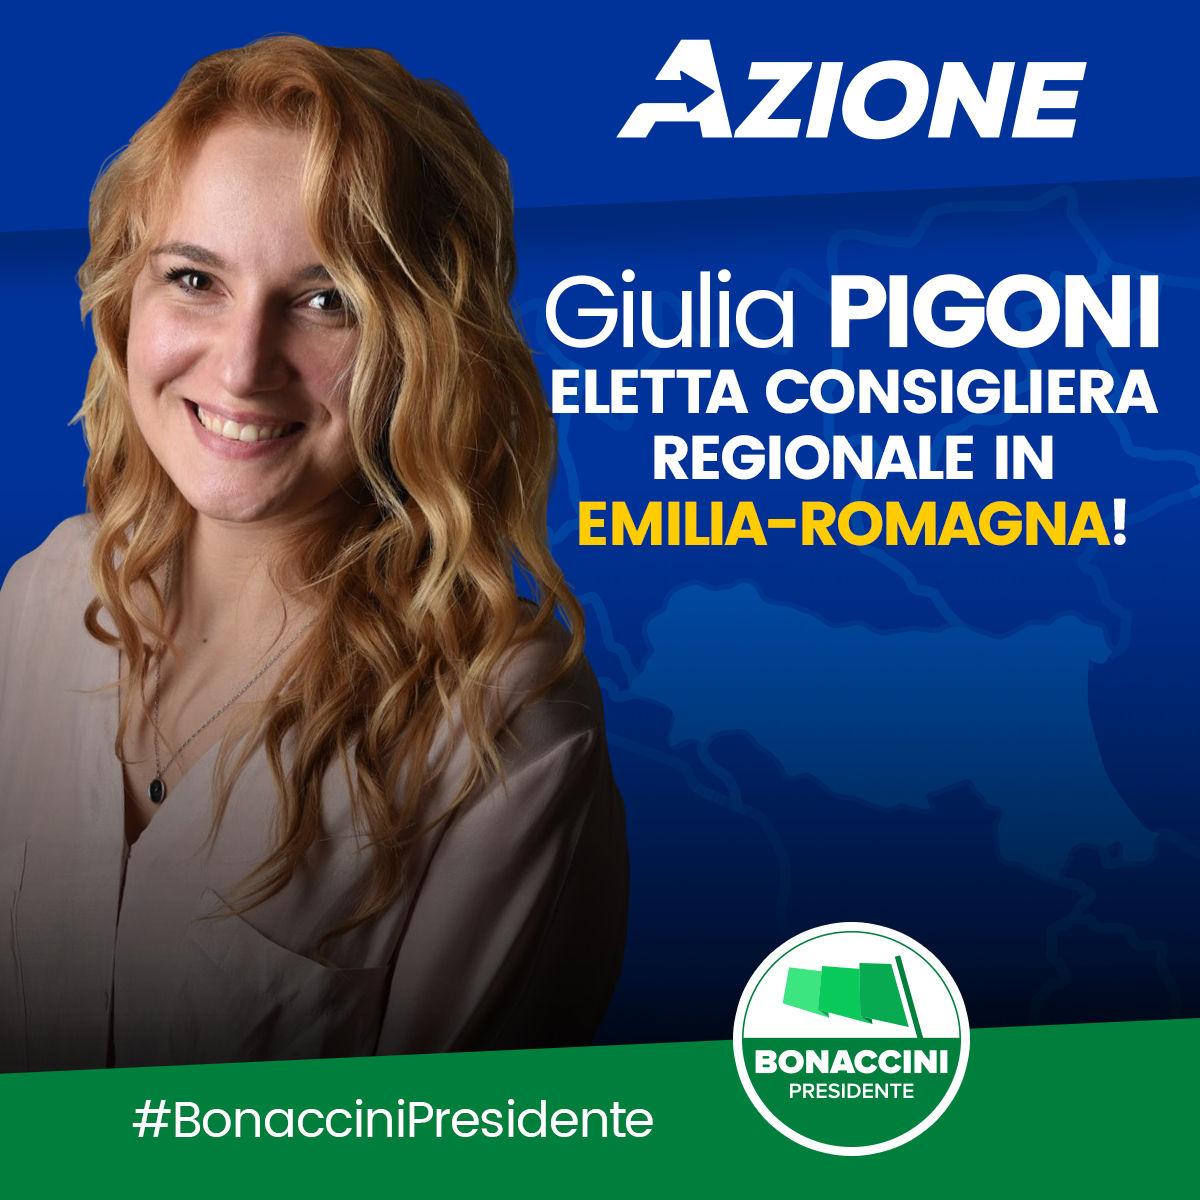 PIGONI-ELETTA-EMILIA-ROMAGNA-AZIONE-v1PIGONI